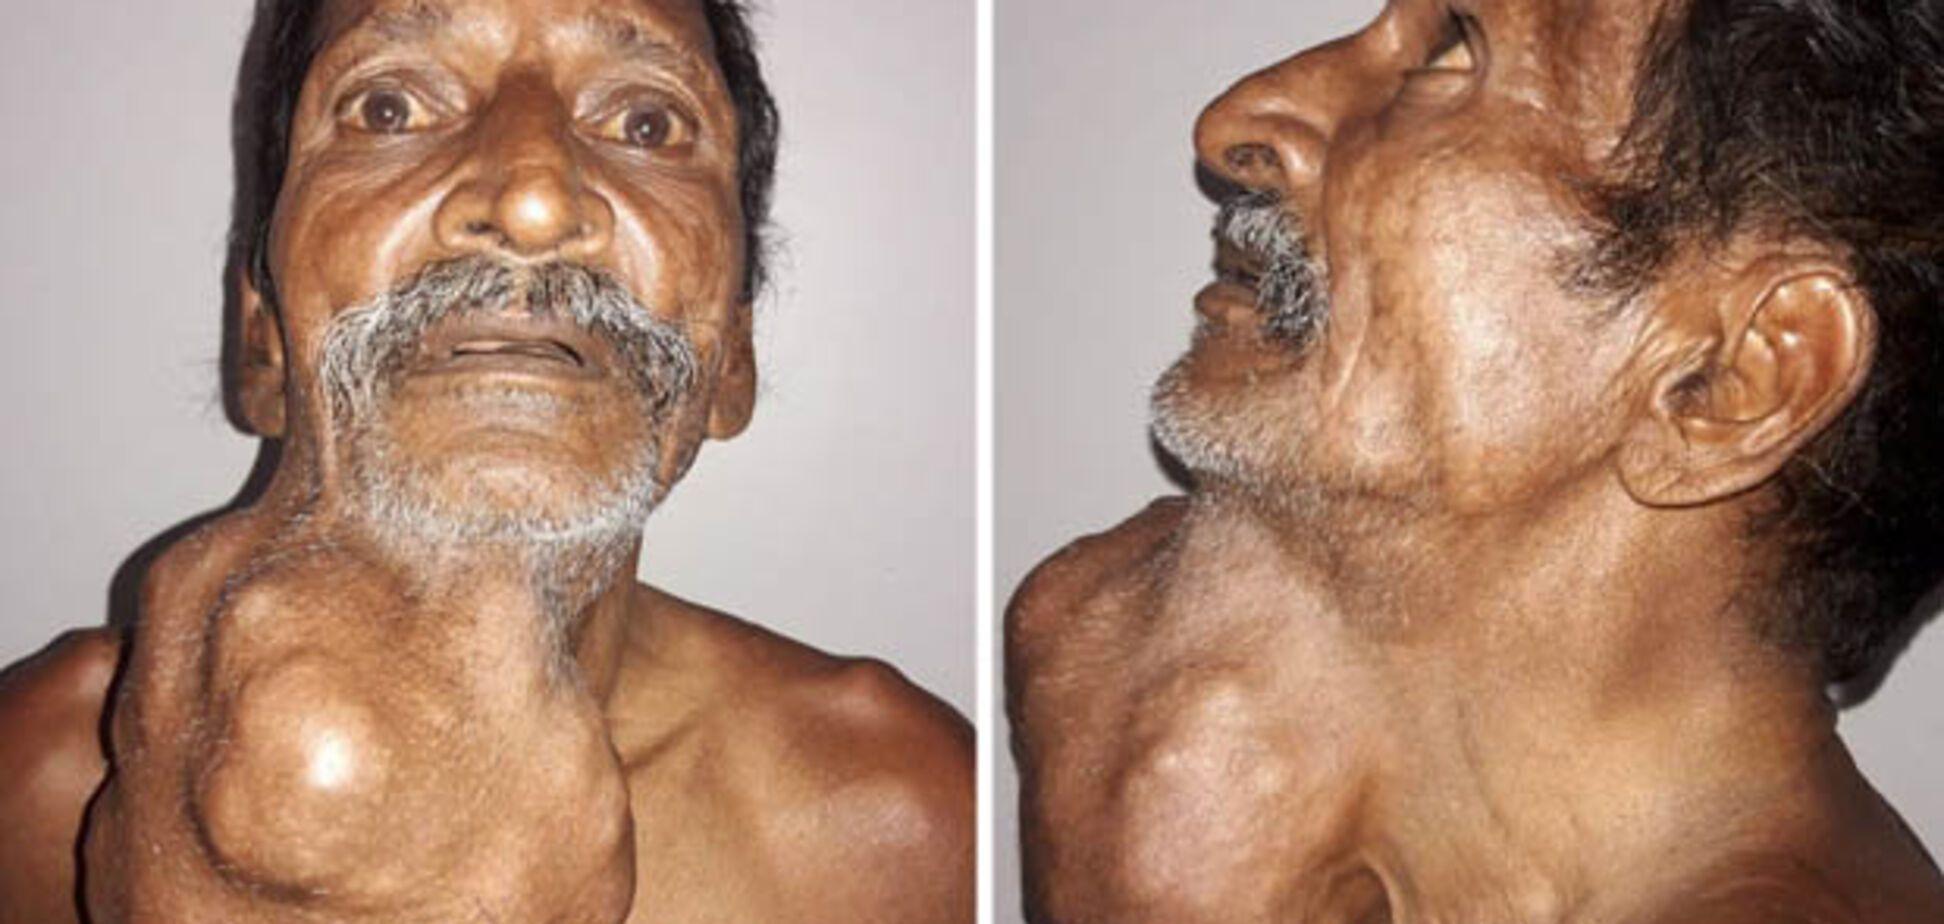 У чоловіка на шиї виросла пухлина розміром із голову: жахливі фото